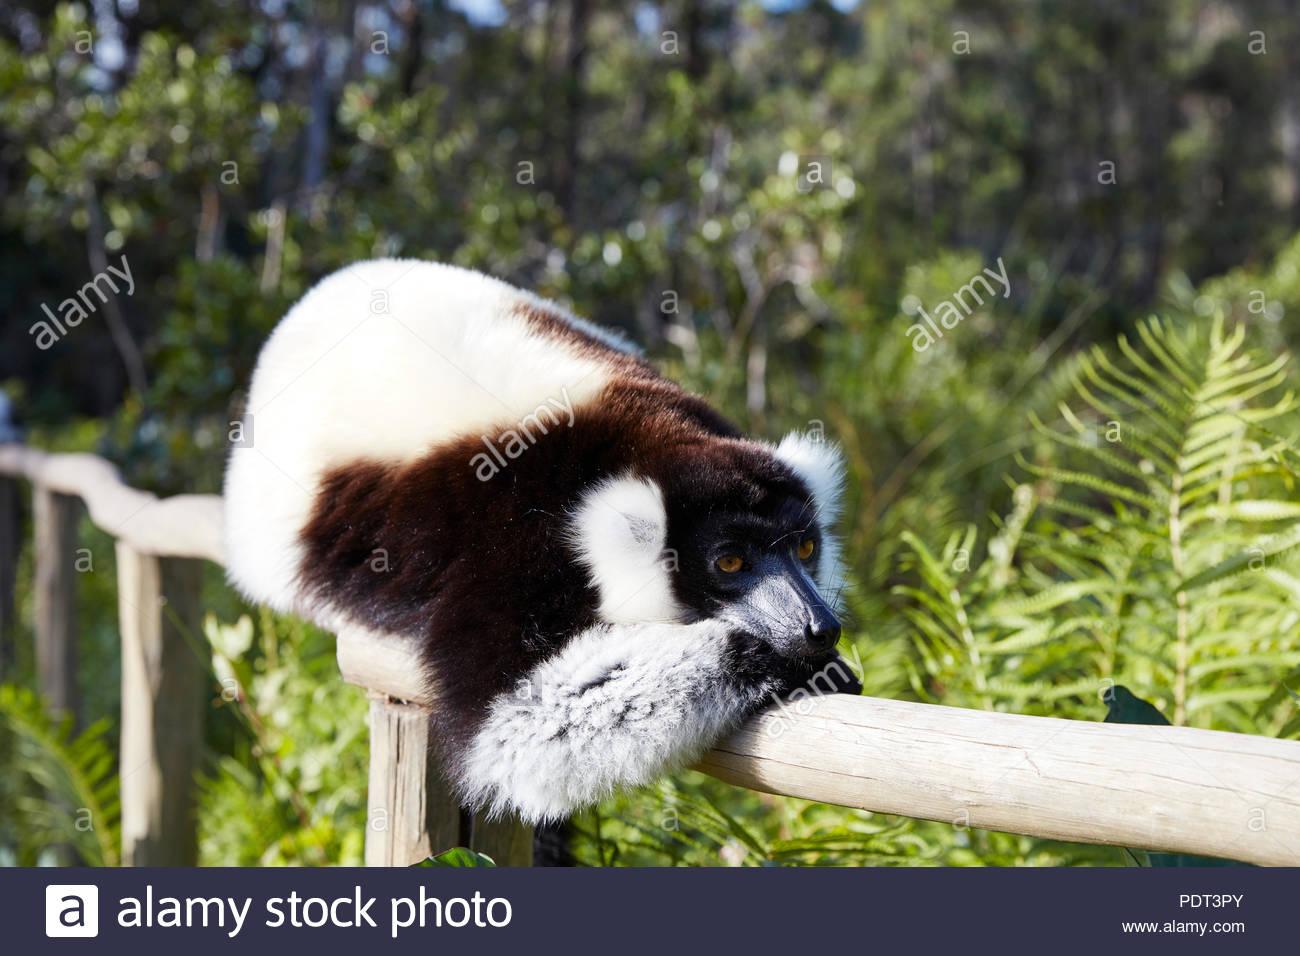 Lemur Madagaskar - Stock Image